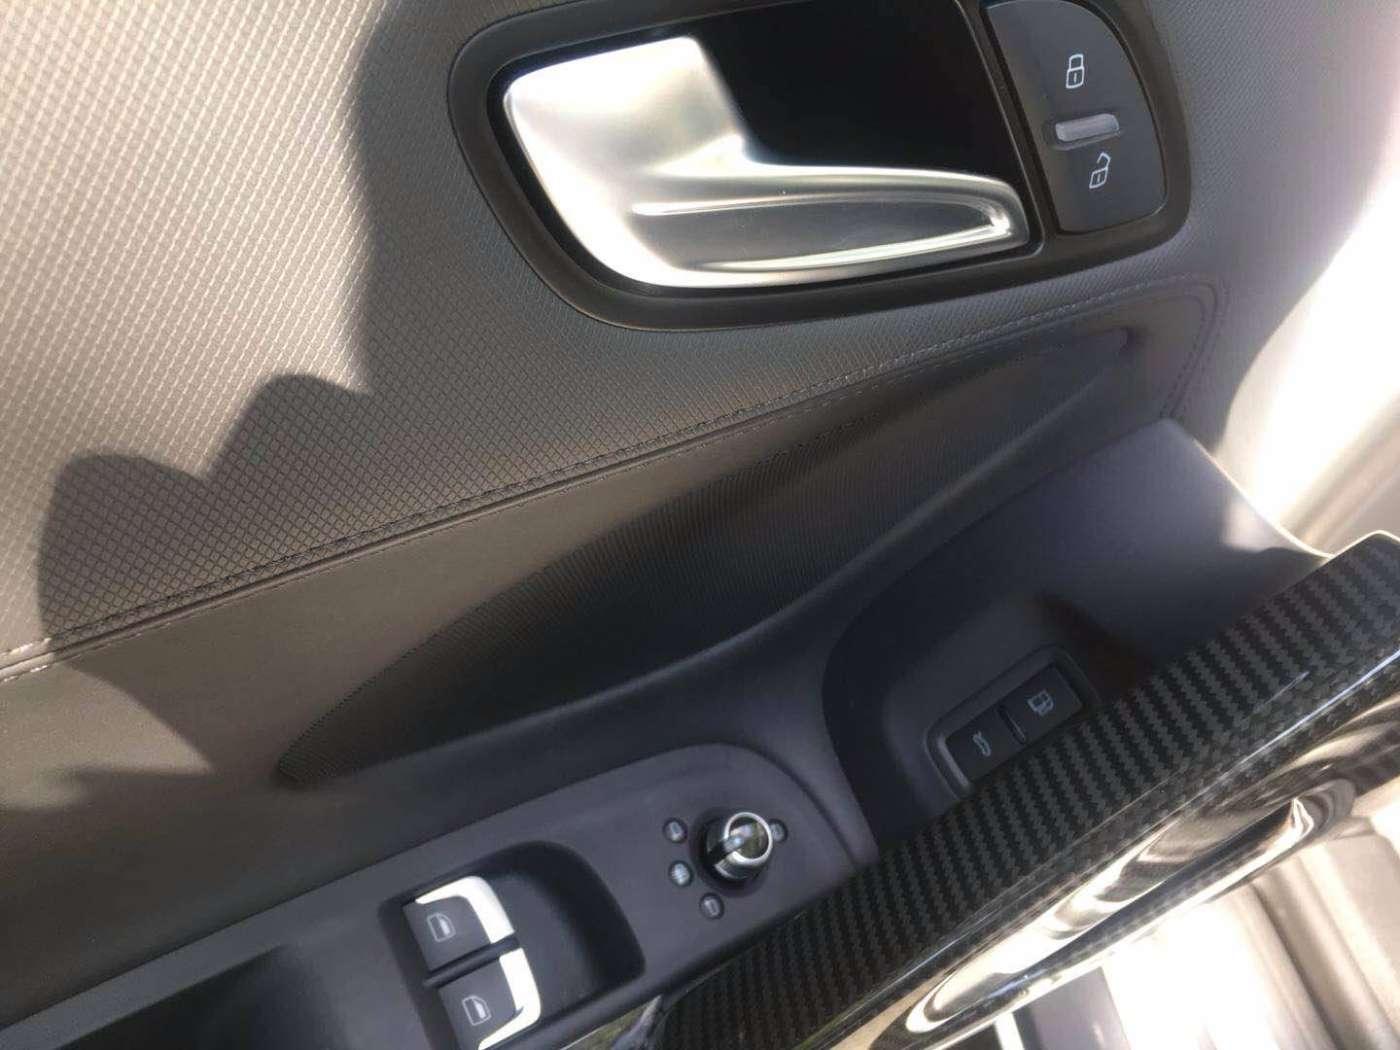 2014年02月 奥迪R8 2014款 Spyder 4.2 FSI quattro|甄选奥迪-北京卡斯基汽车服务有限公司